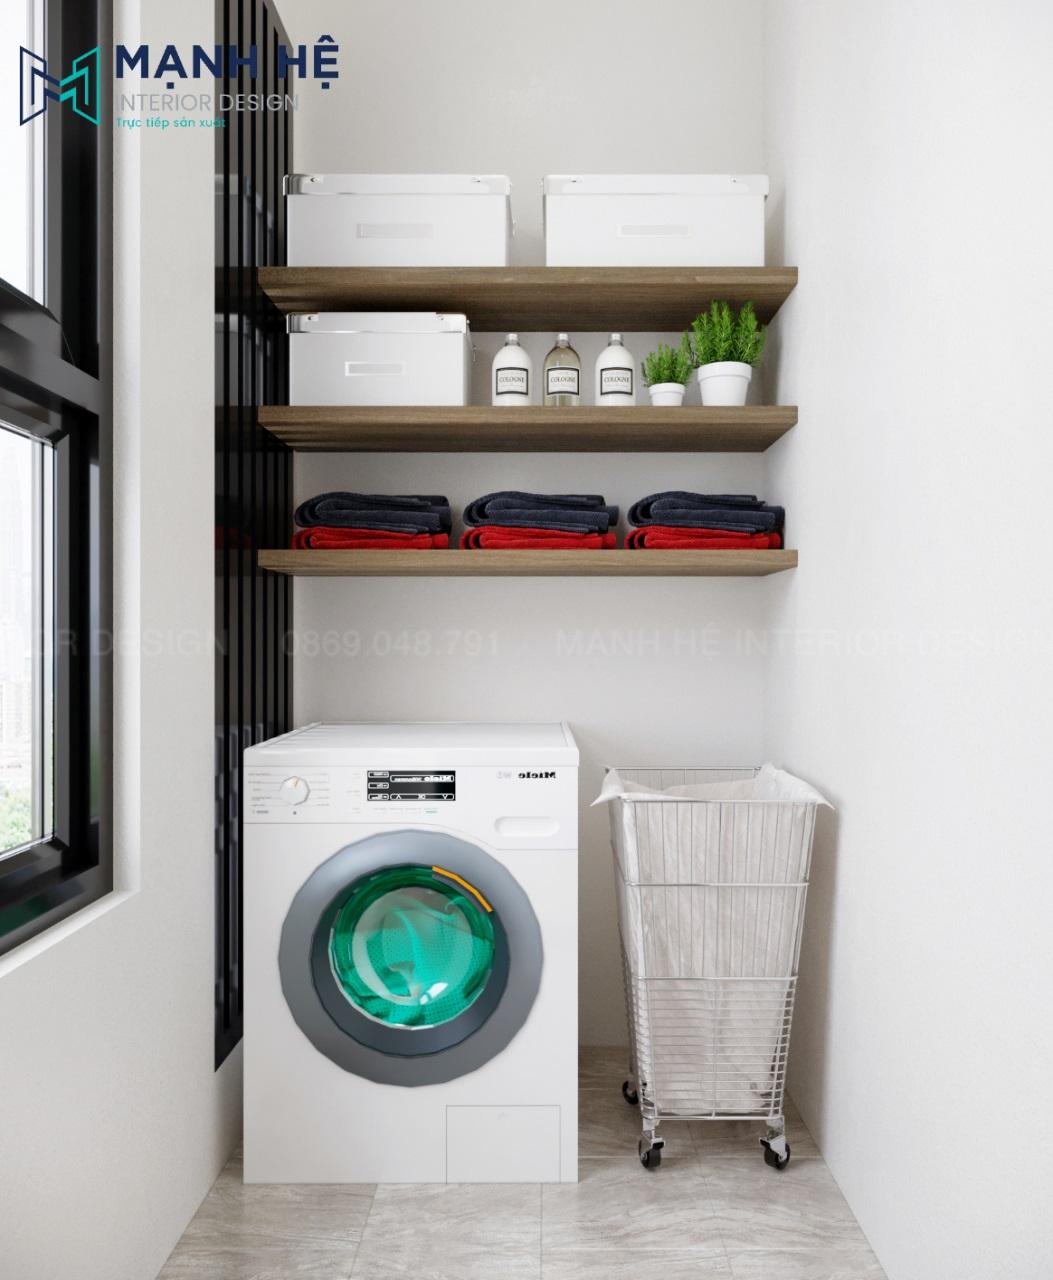 Thiết kế phòng giặt đồ đơn giản